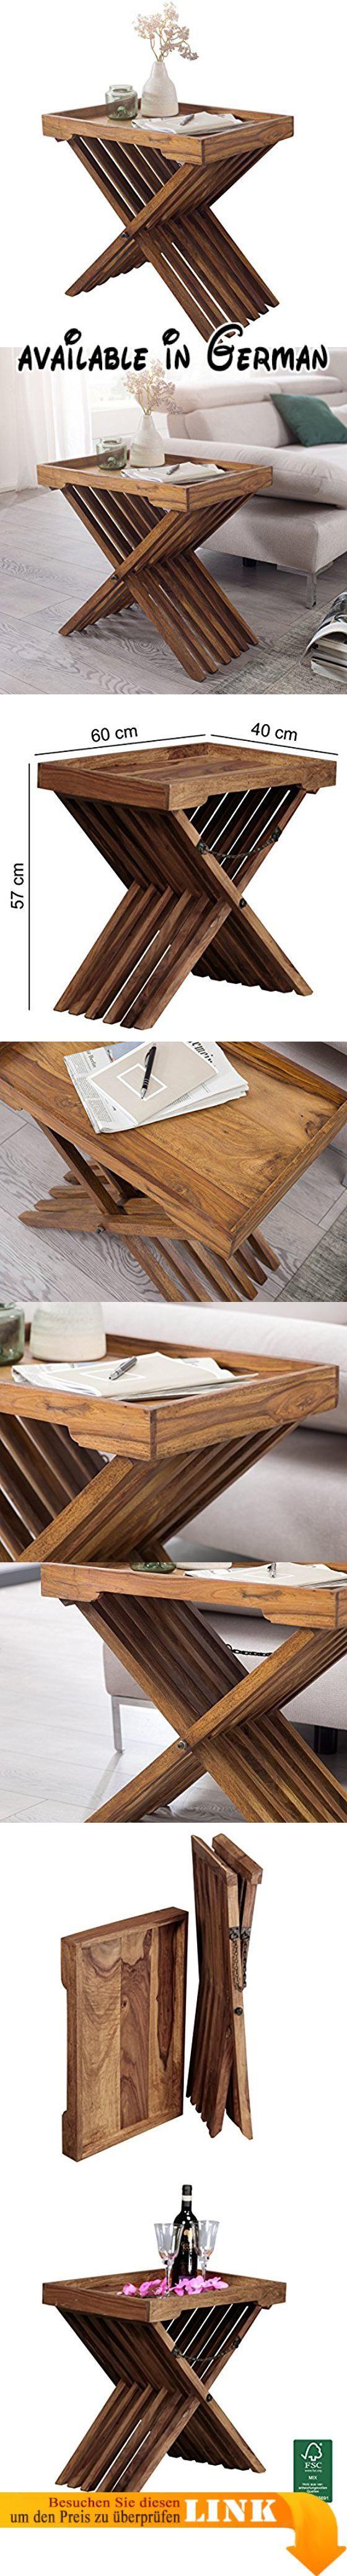 B01J3GP2UO WOHNLING Beistelltisch Massivholz Sheesham Design Und Tisch Gestell Klappbar Mit Kette Landhaus Stil Wohnzimmertisch Echt Holz Dunkel Braun